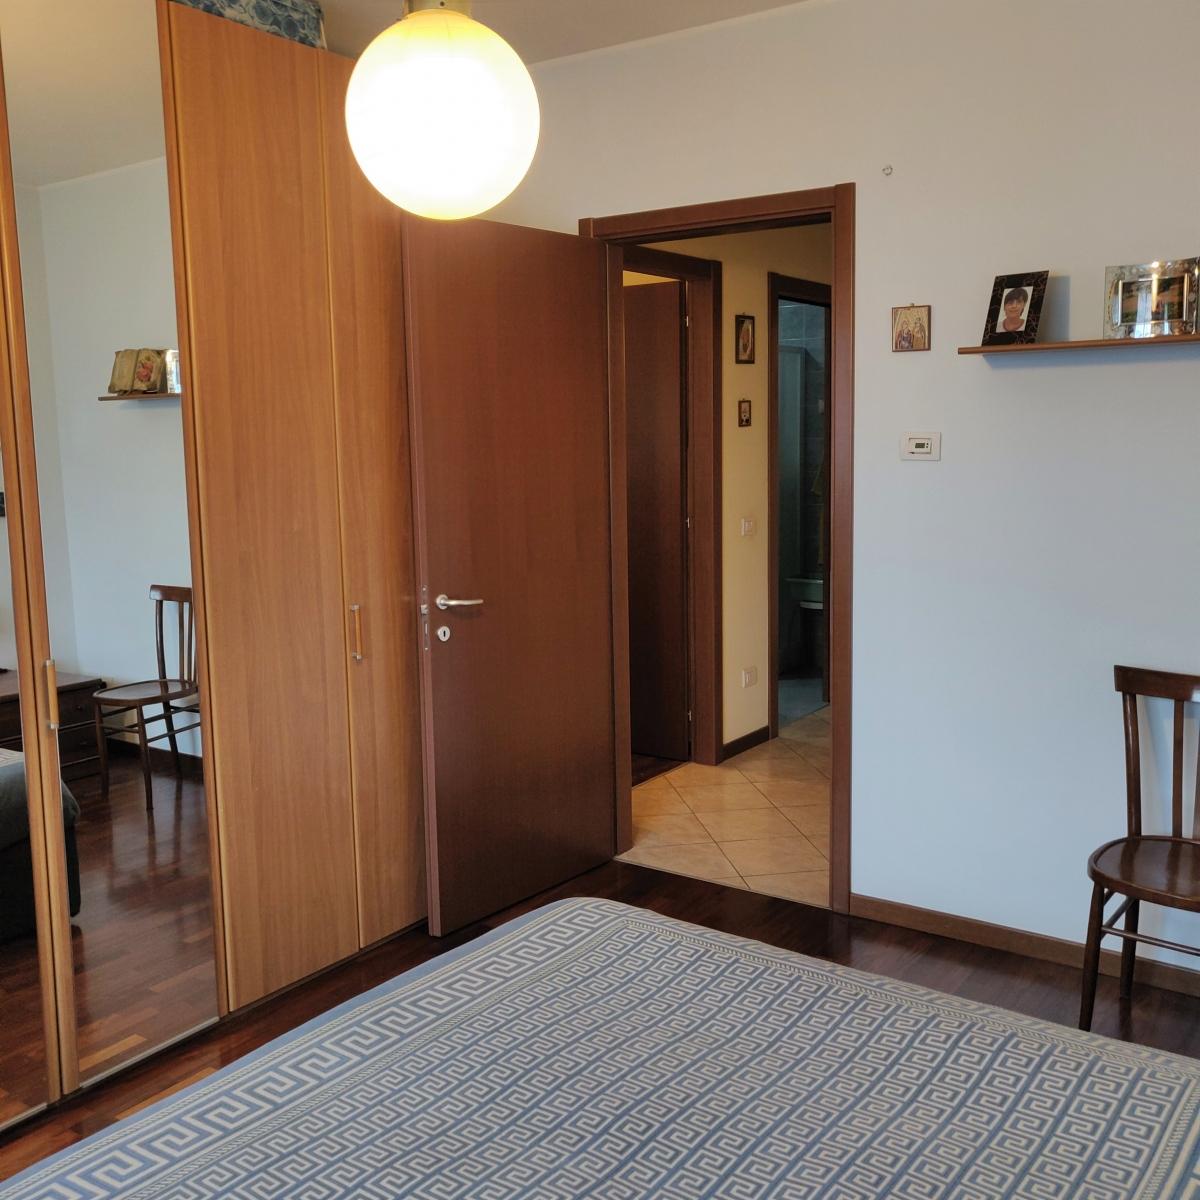 appartamento-in-vendita-milano-via-forze-armate-recente-costruzione-4-locali-spaziourbano-immobiliare-vende-29